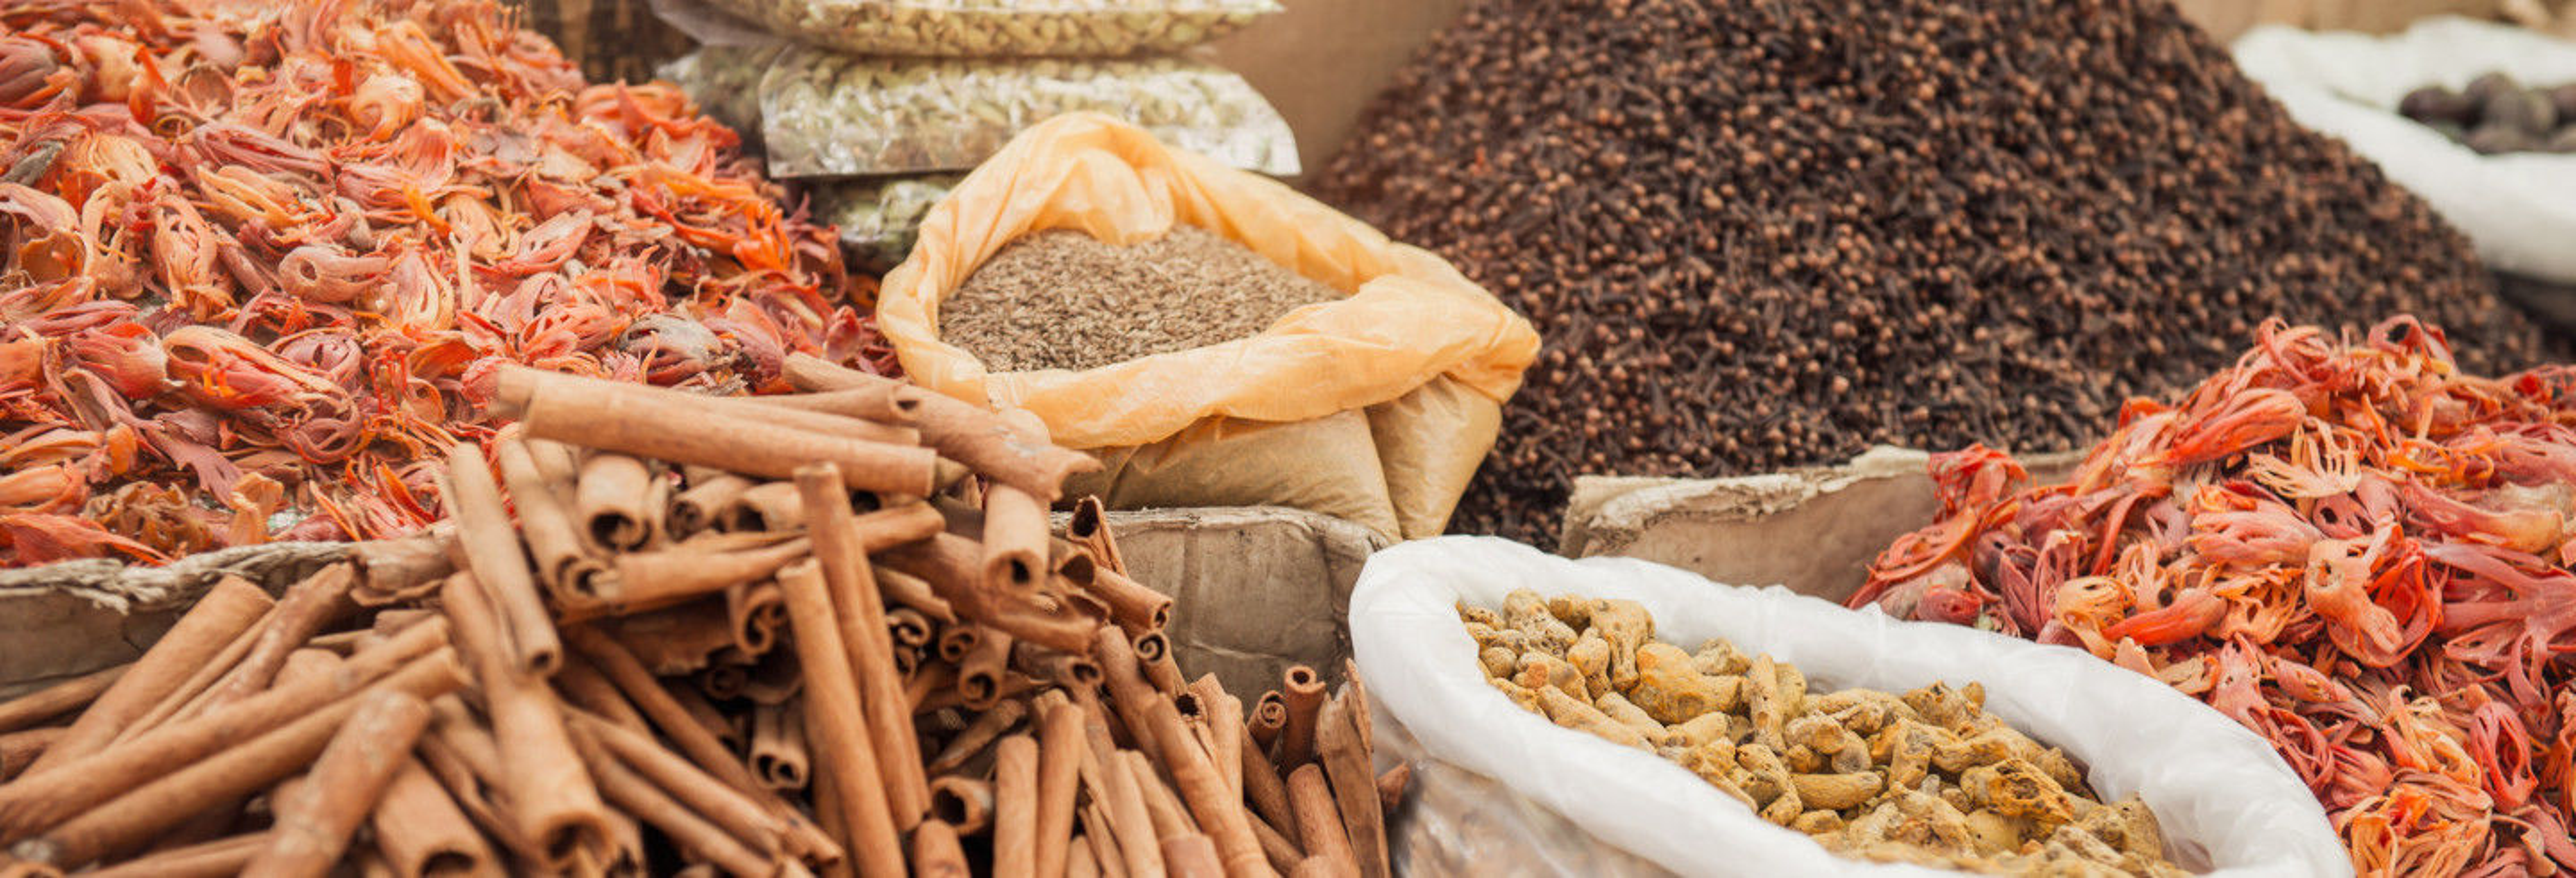 Tour gastronomique à Alappuzha